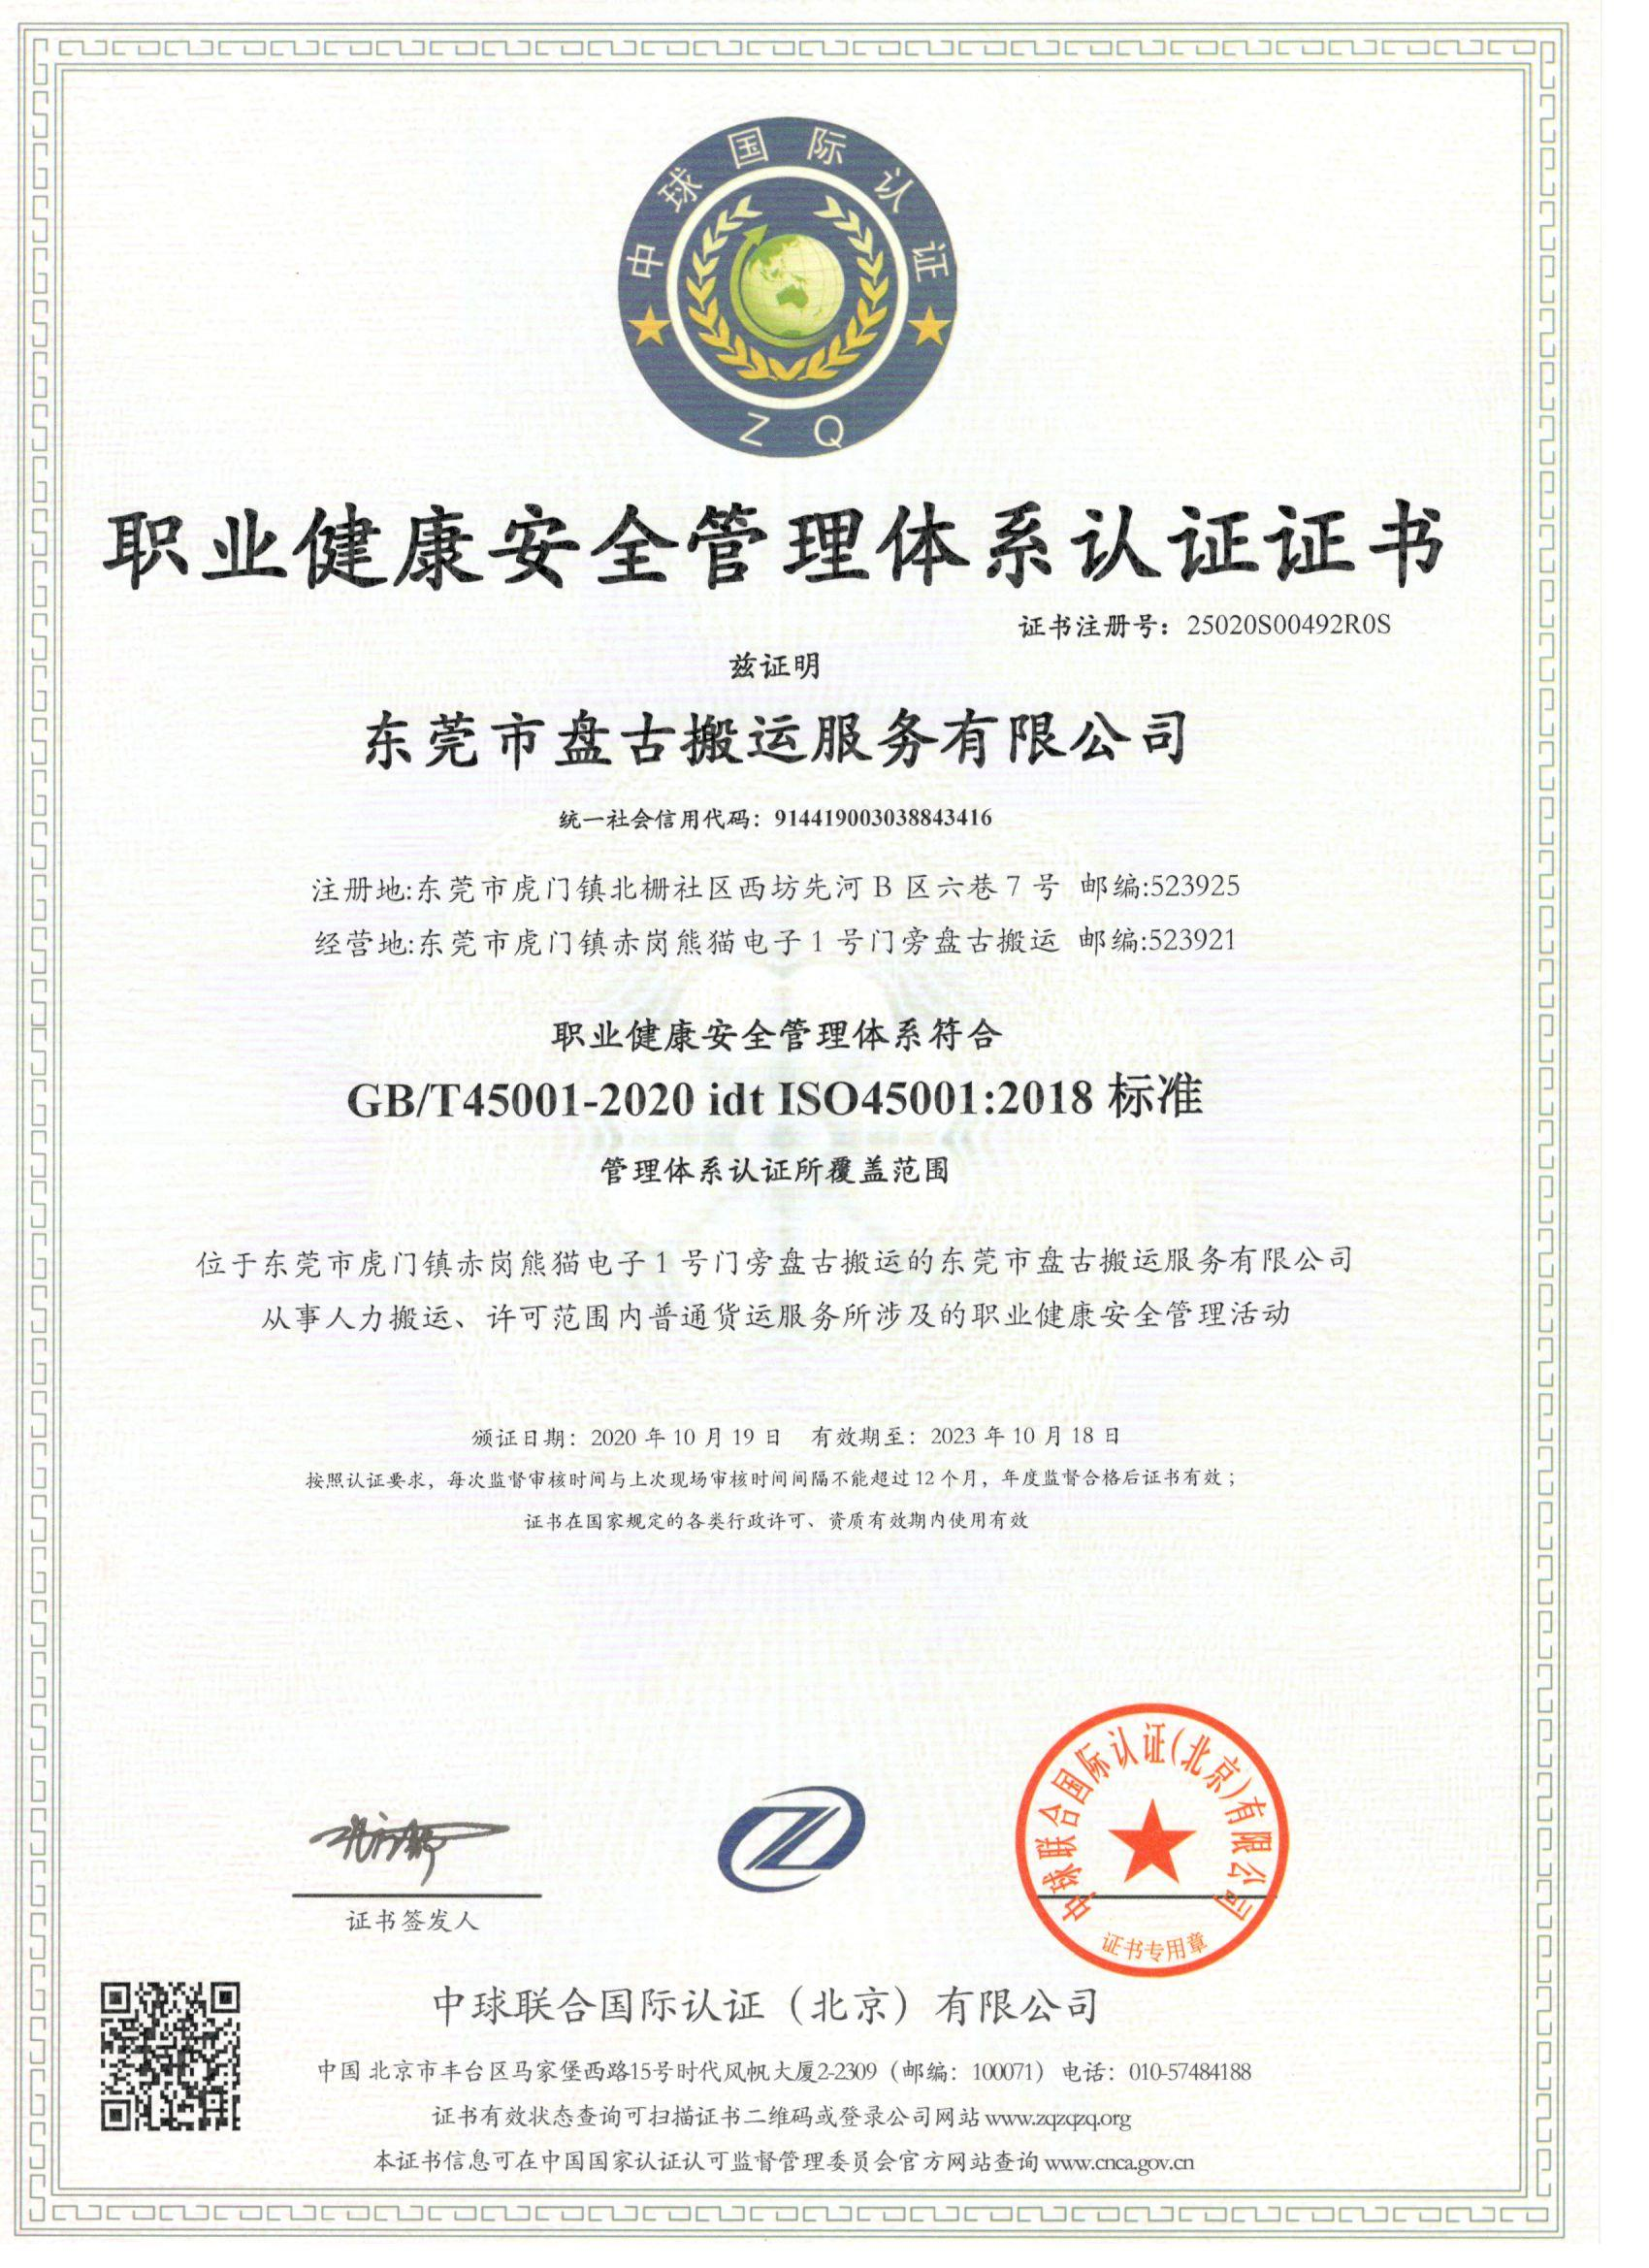 职业健康ISO45001认证-东莞盘古搬运服务有限公司